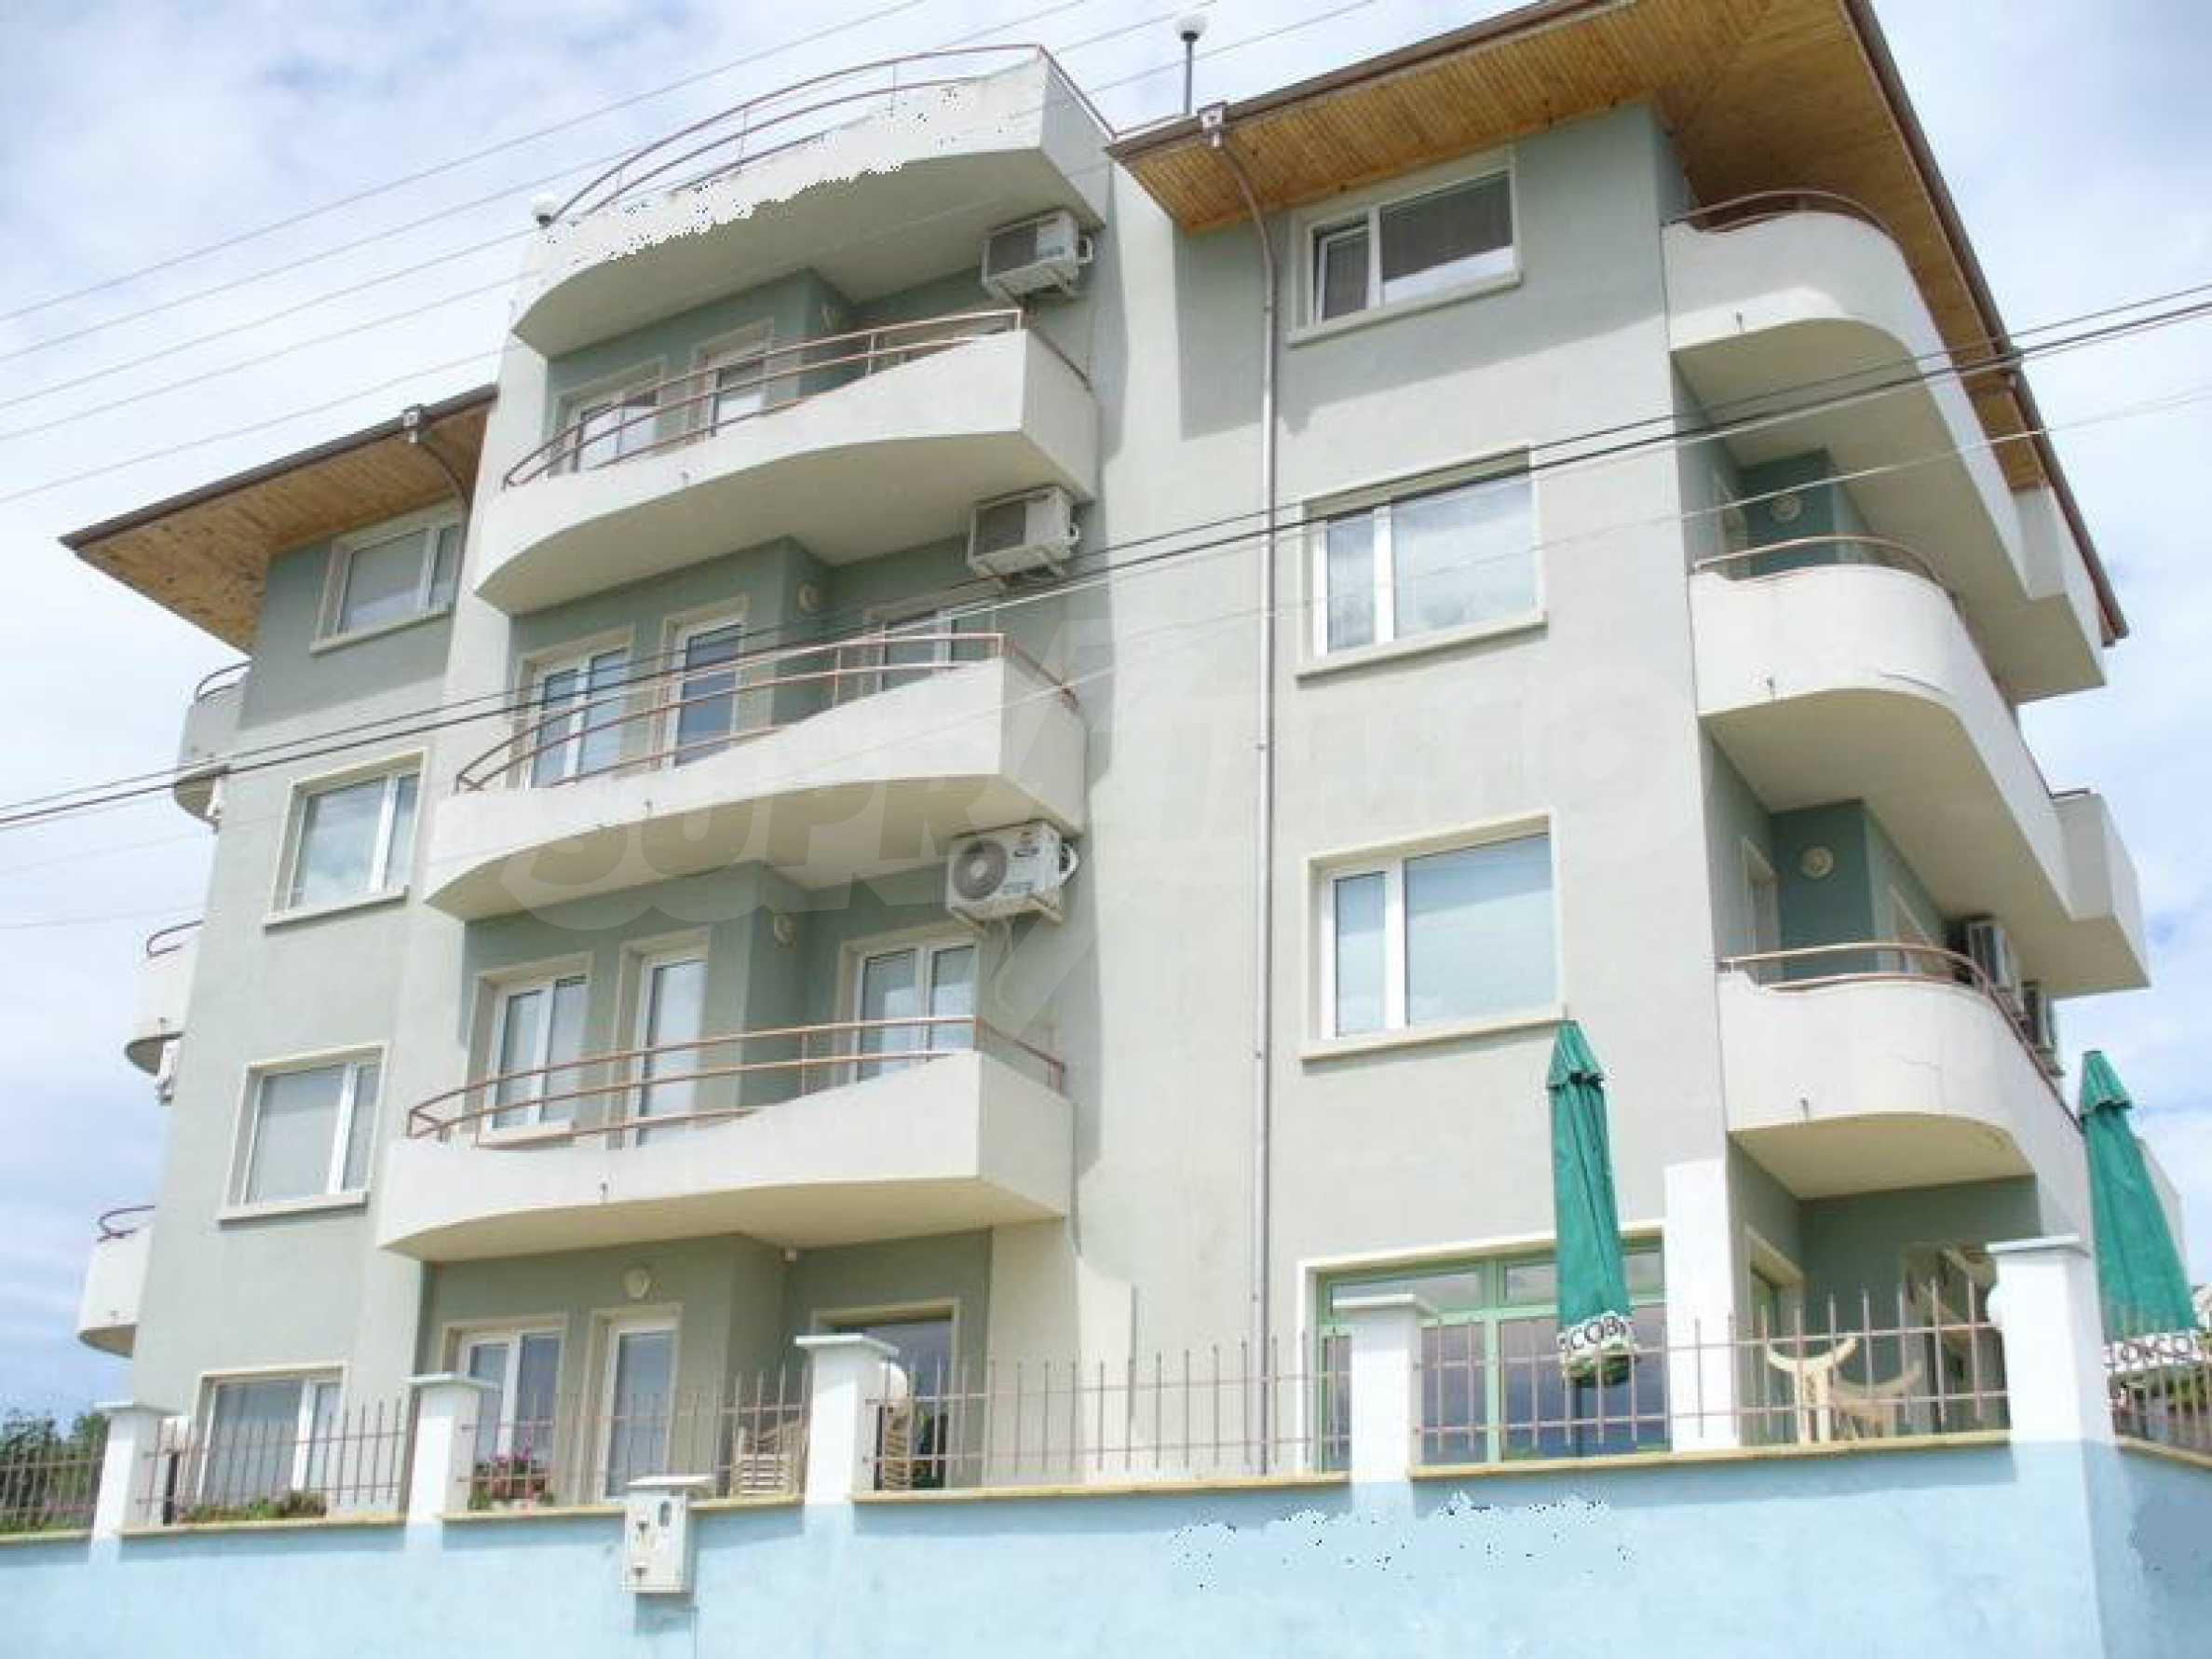 Gemütliches Familienhotel am Schwarzen Meer in der Stadt Byala